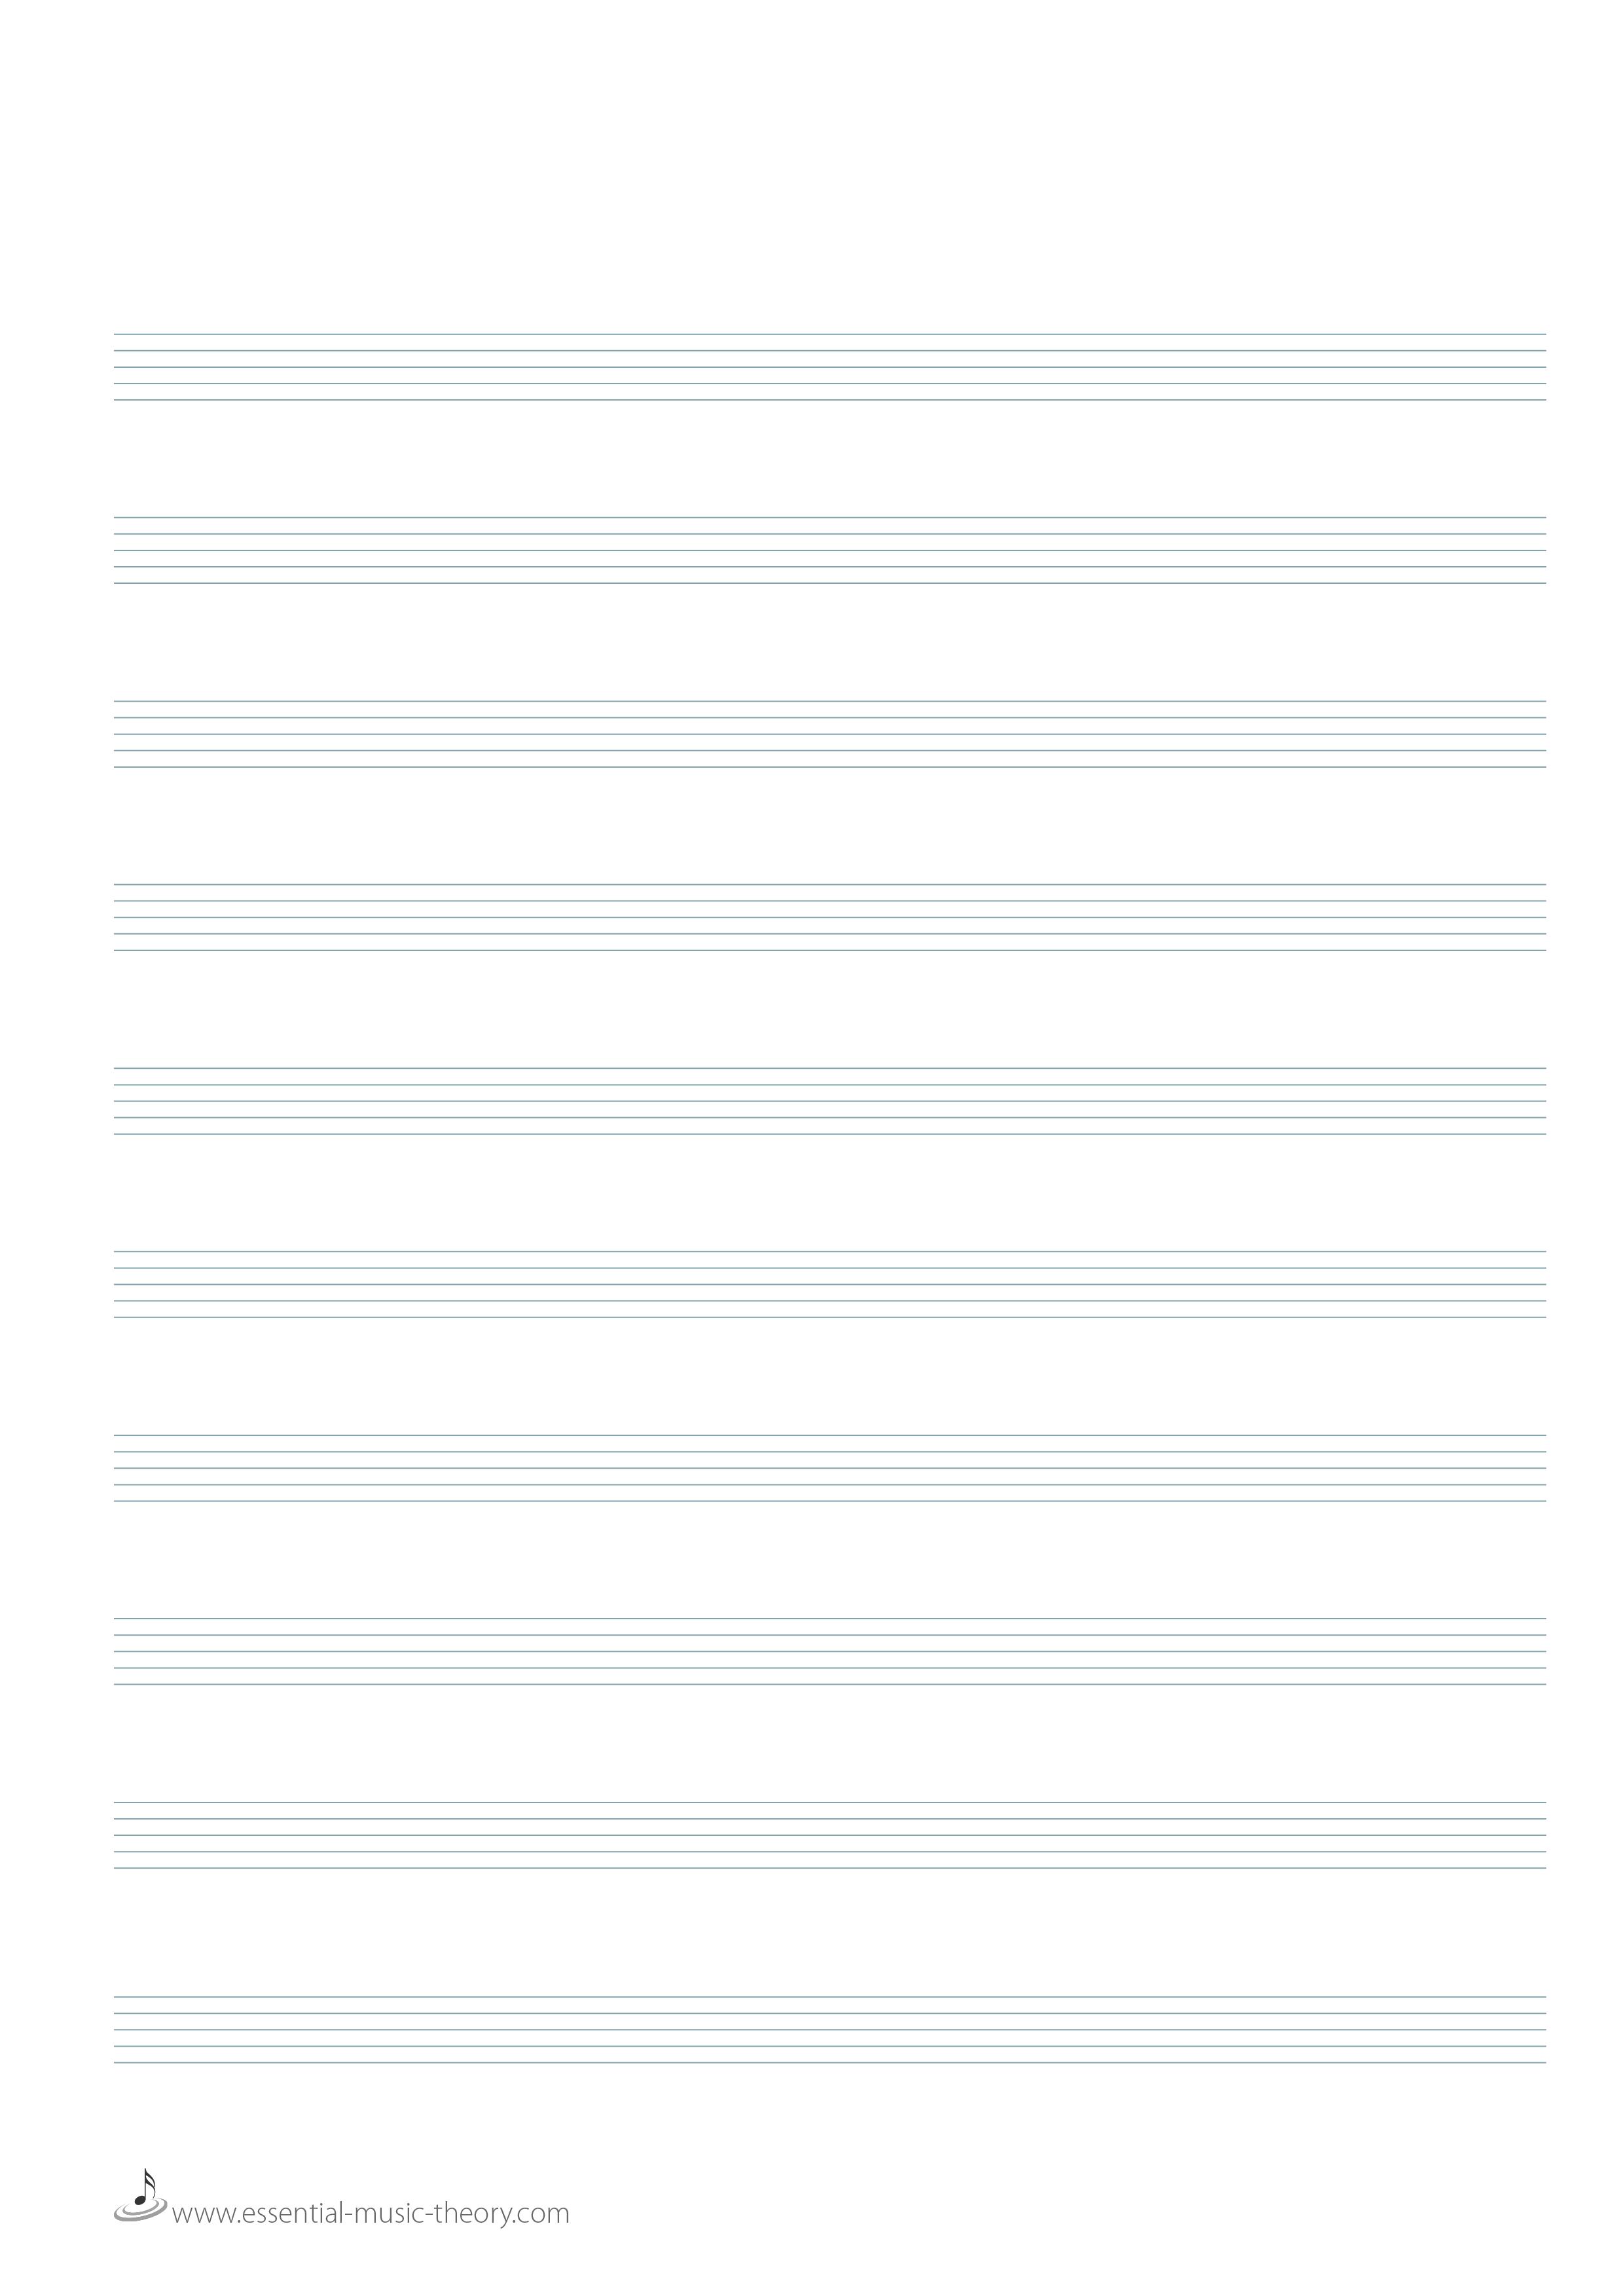 free printable manuscript paper